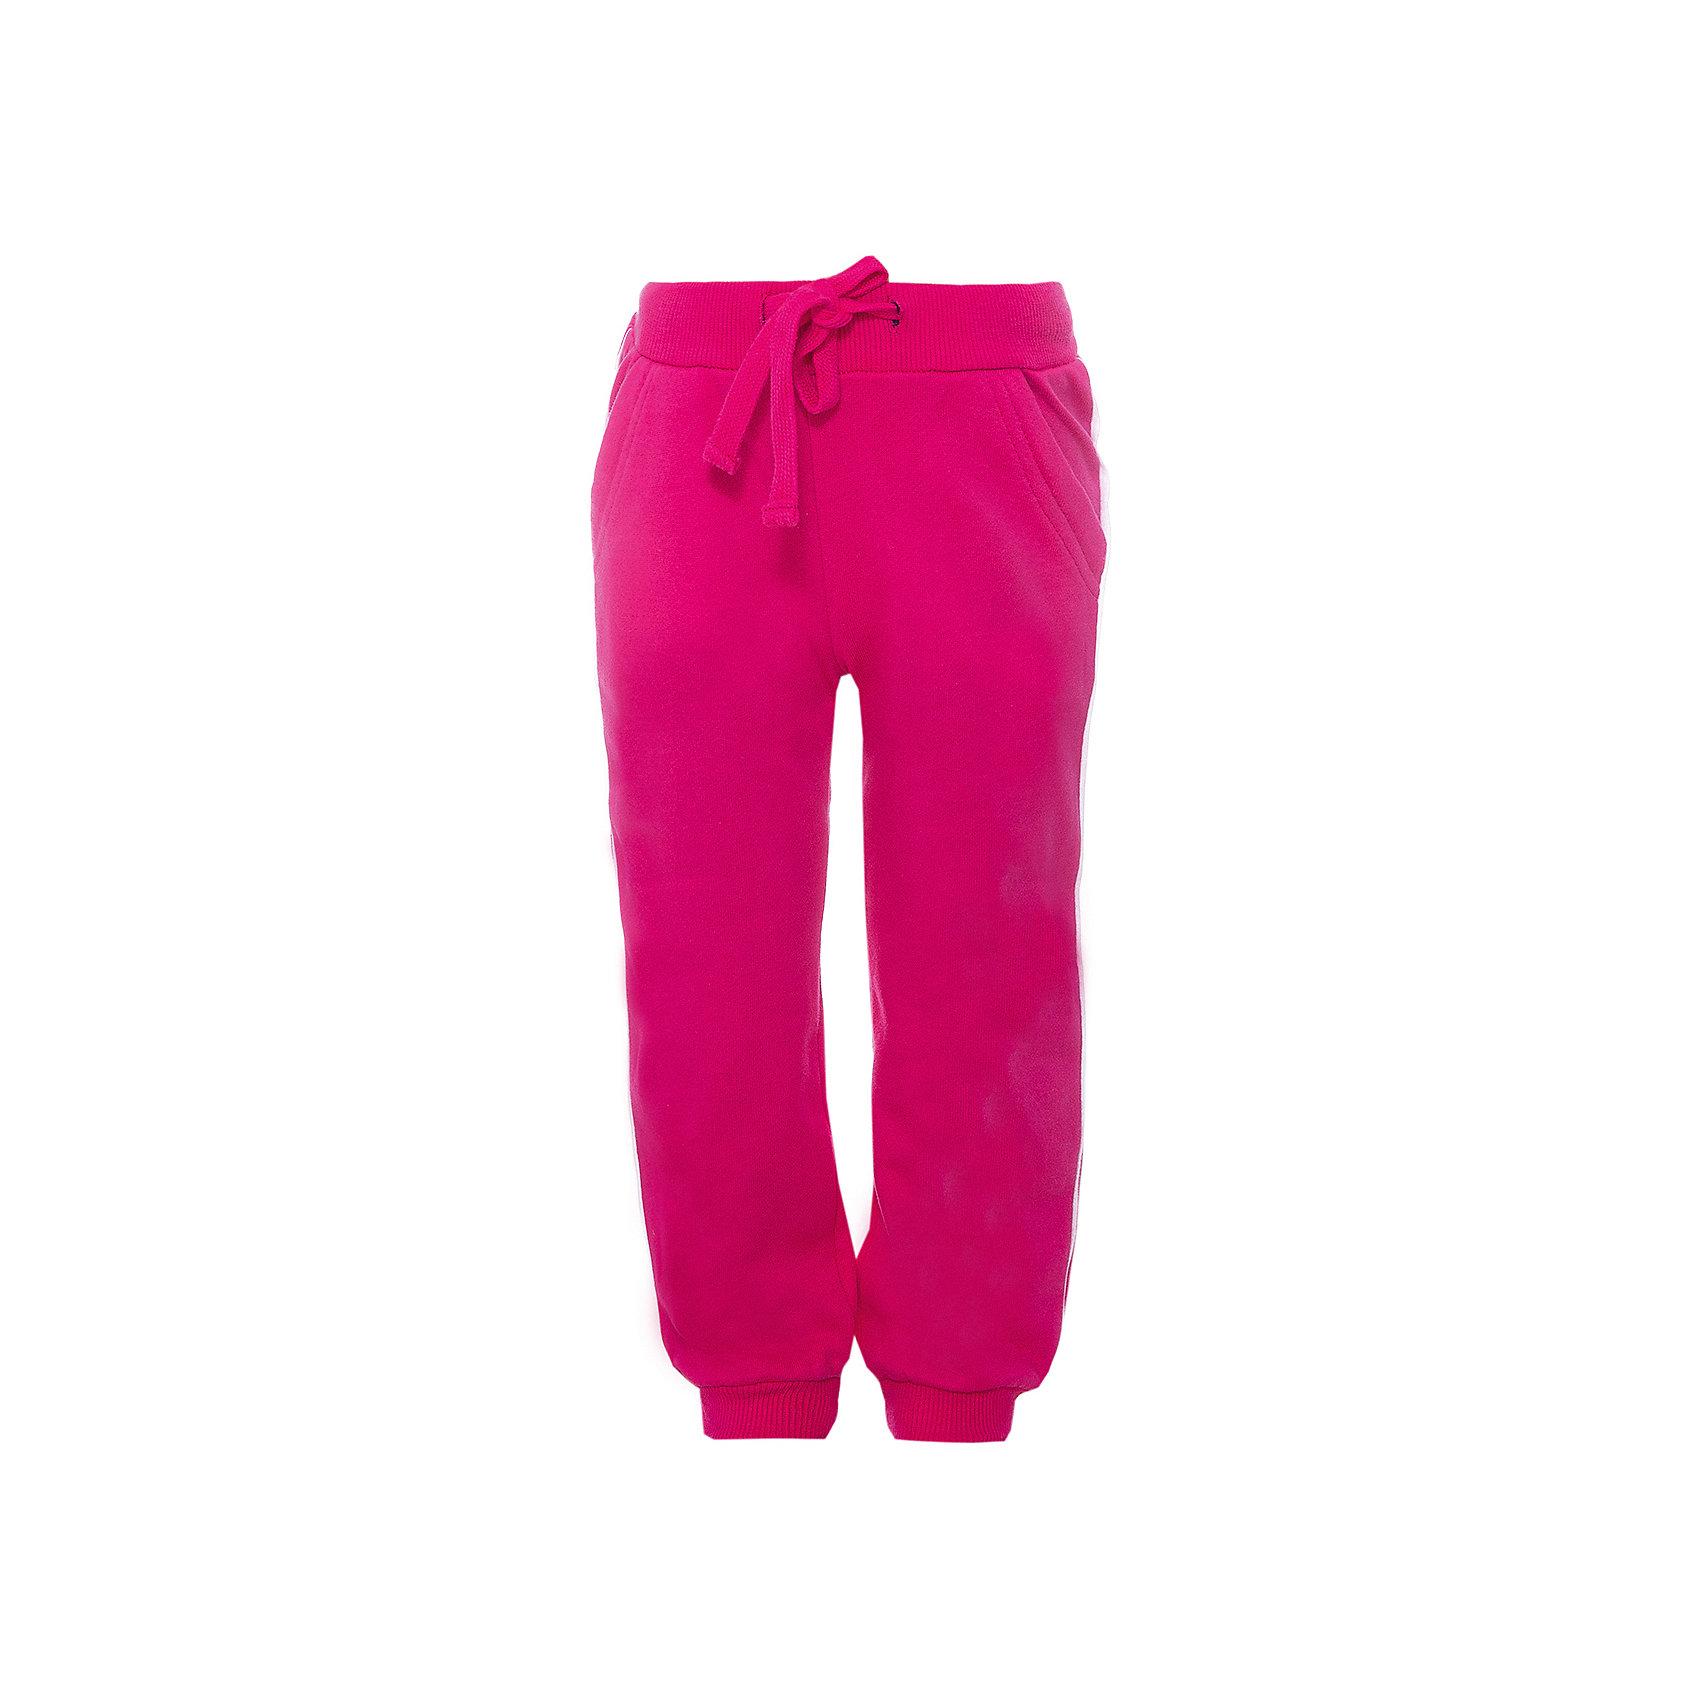 Брюки для девочки PlayTodayБрюки<br>Брюки для девочки от известного бренда PlayToday.<br>Яркие розовые брюки из футера в спортивном стиле. Пояс на резинке, дополнительно регулируется шнурком. По бокам лампасы. Есть два функциональных кармана. Низ шианишек на трикотажной резинке.<br>Состав:<br>80% хлопок, 20% полиэстер<br><br>Ширина мм: 215<br>Глубина мм: 88<br>Высота мм: 191<br>Вес г: 336<br>Цвет: розовый<br>Возраст от месяцев: 24<br>Возраст до месяцев: 36<br>Пол: Женский<br>Возраст: Детский<br>Размер: 98,122,104,128,134,140,110,116<br>SKU: 4897782